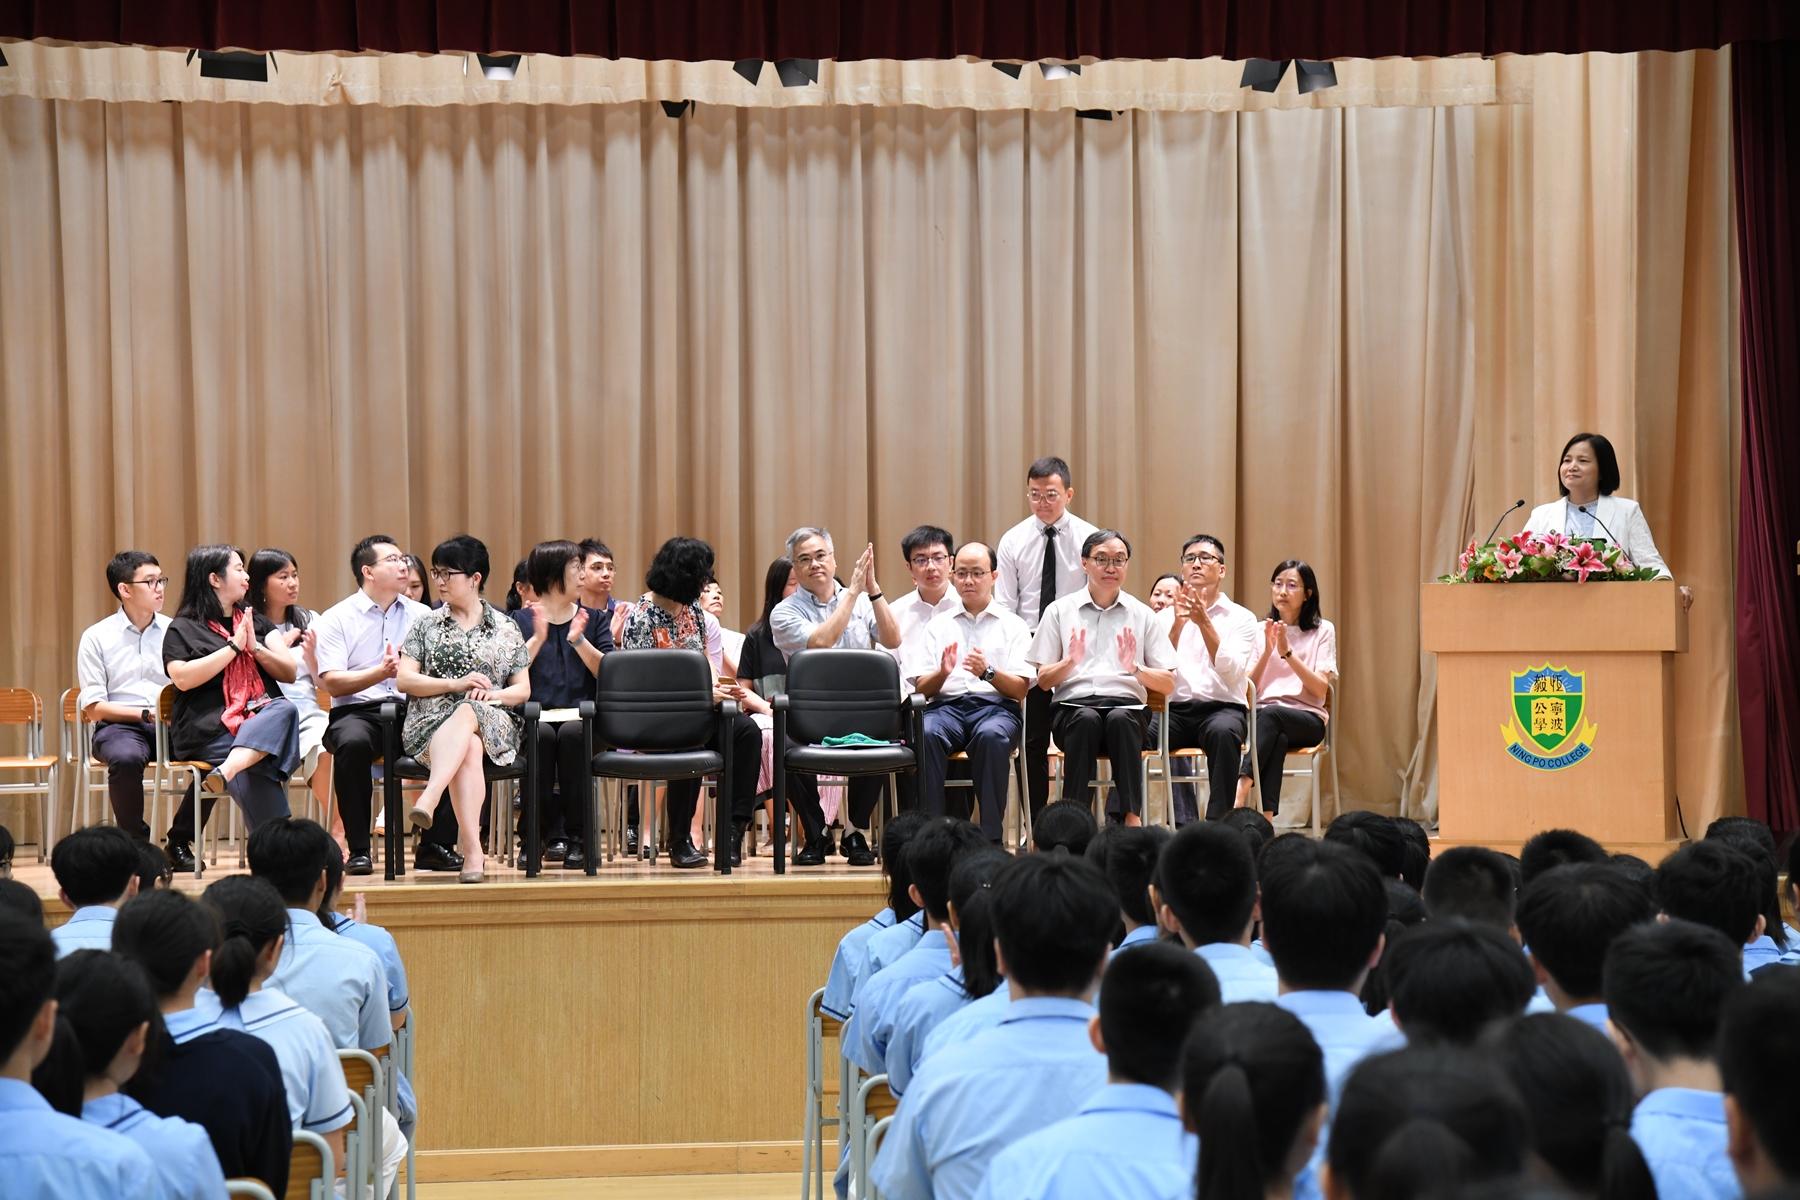 https://www.npc.edu.hk/sites/default/files/dsc_0031.jpg